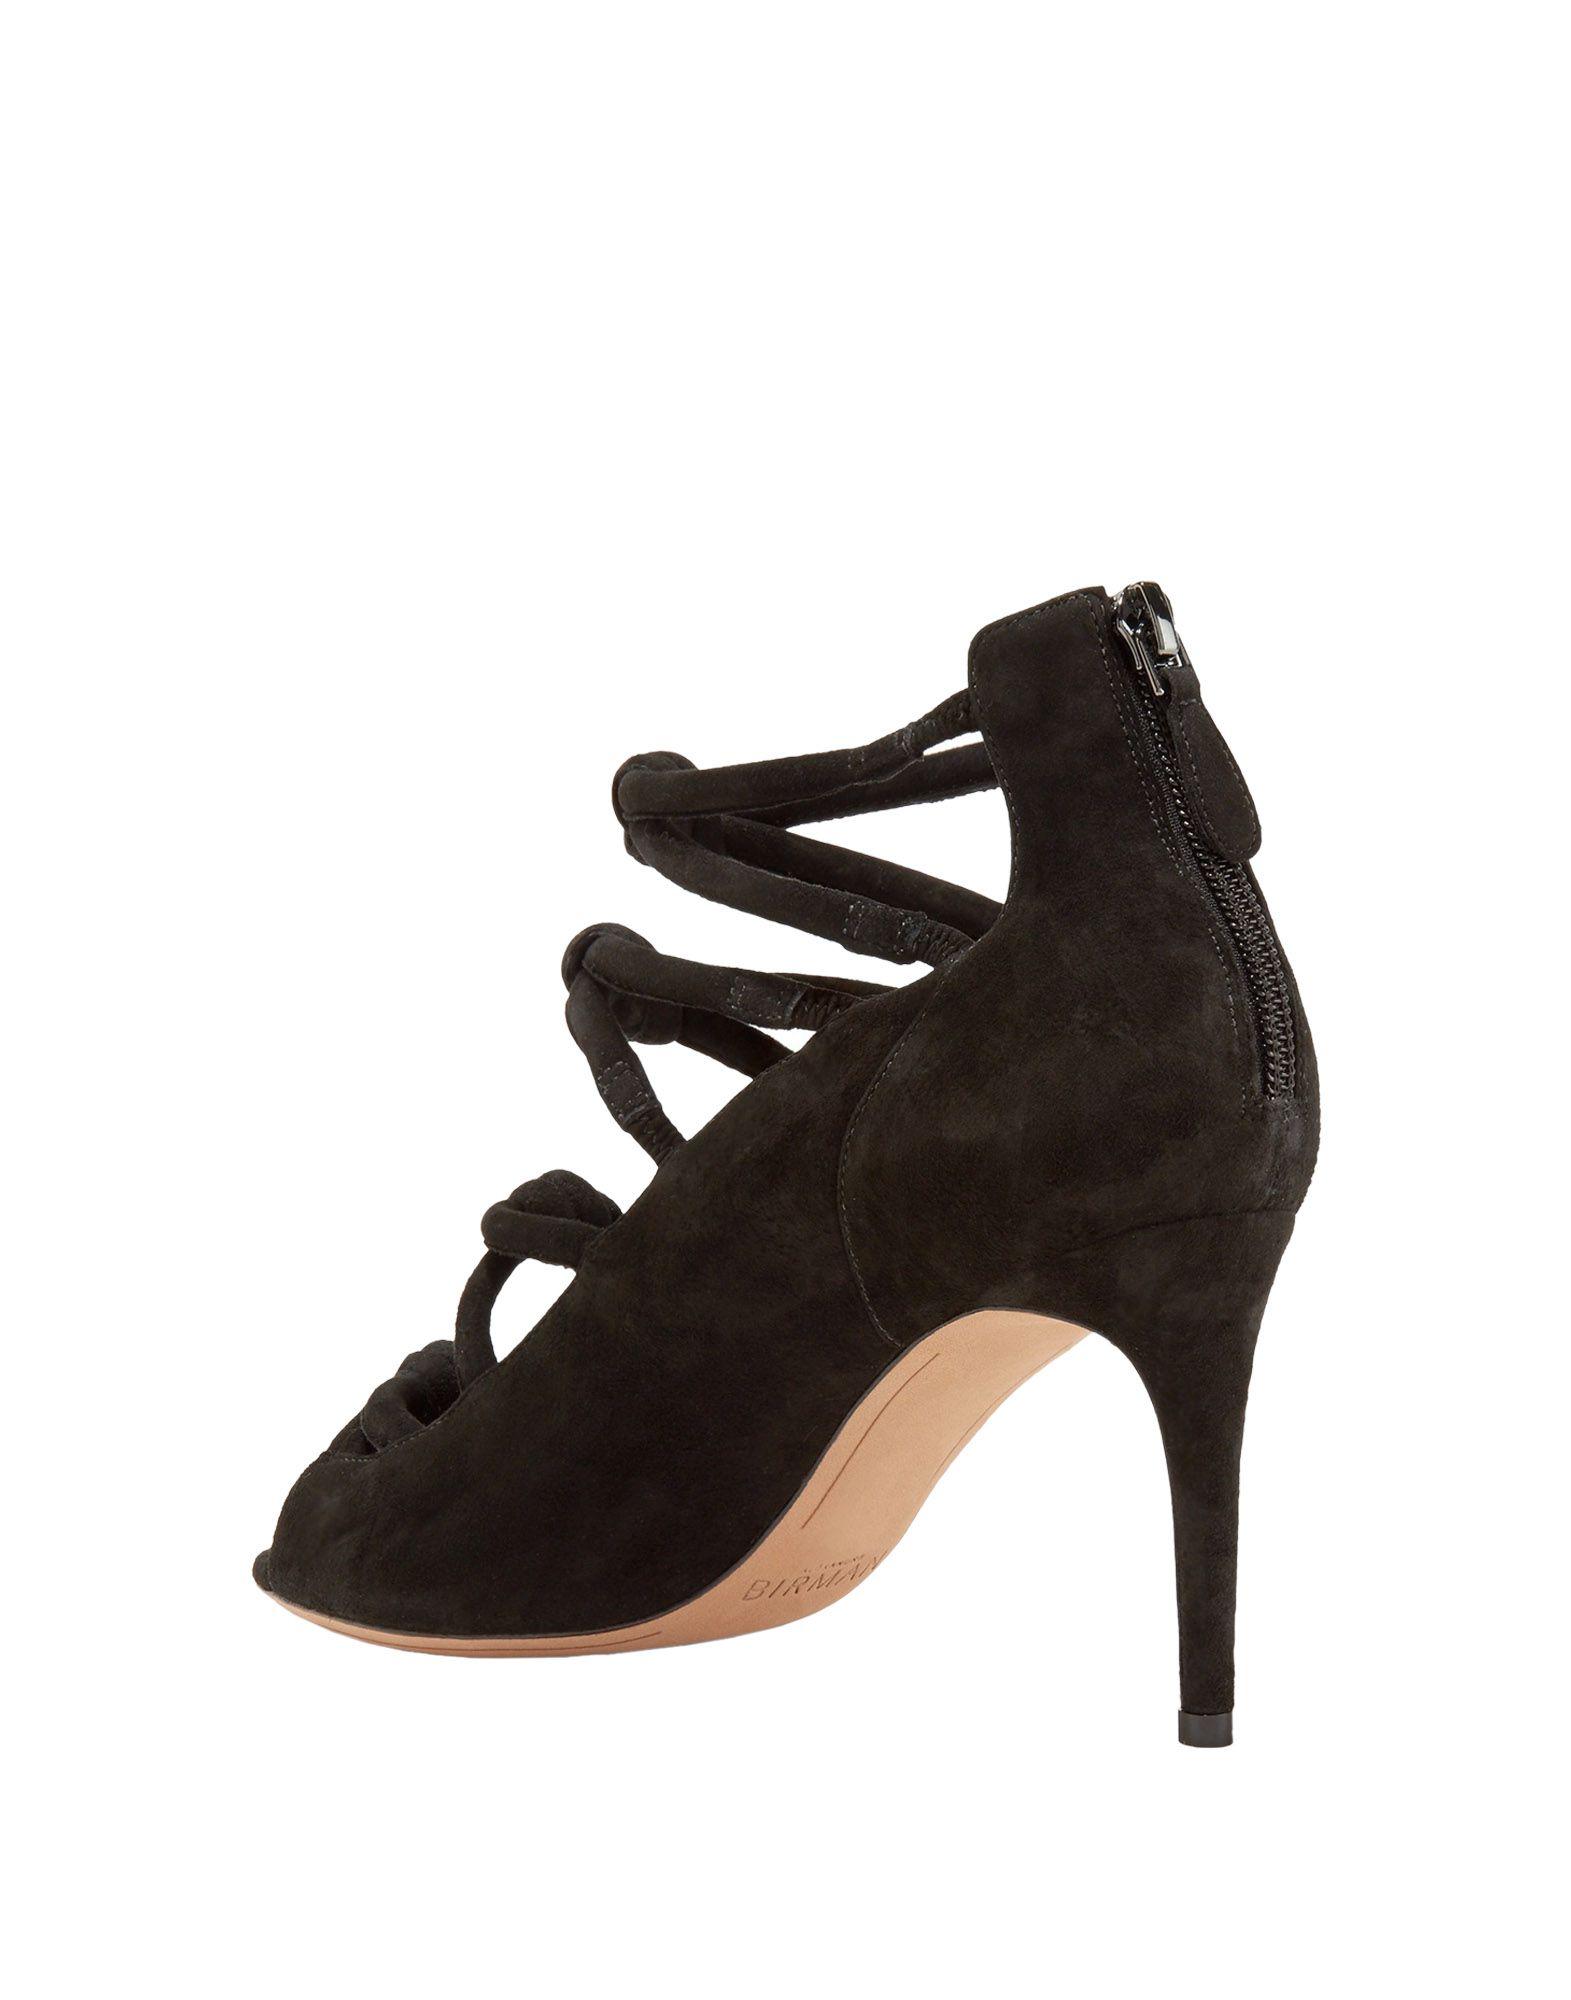 Alexandre Birman Sandalen Damen  11524382UD Beliebte Schuhe Schuhe Beliebte c42fd3